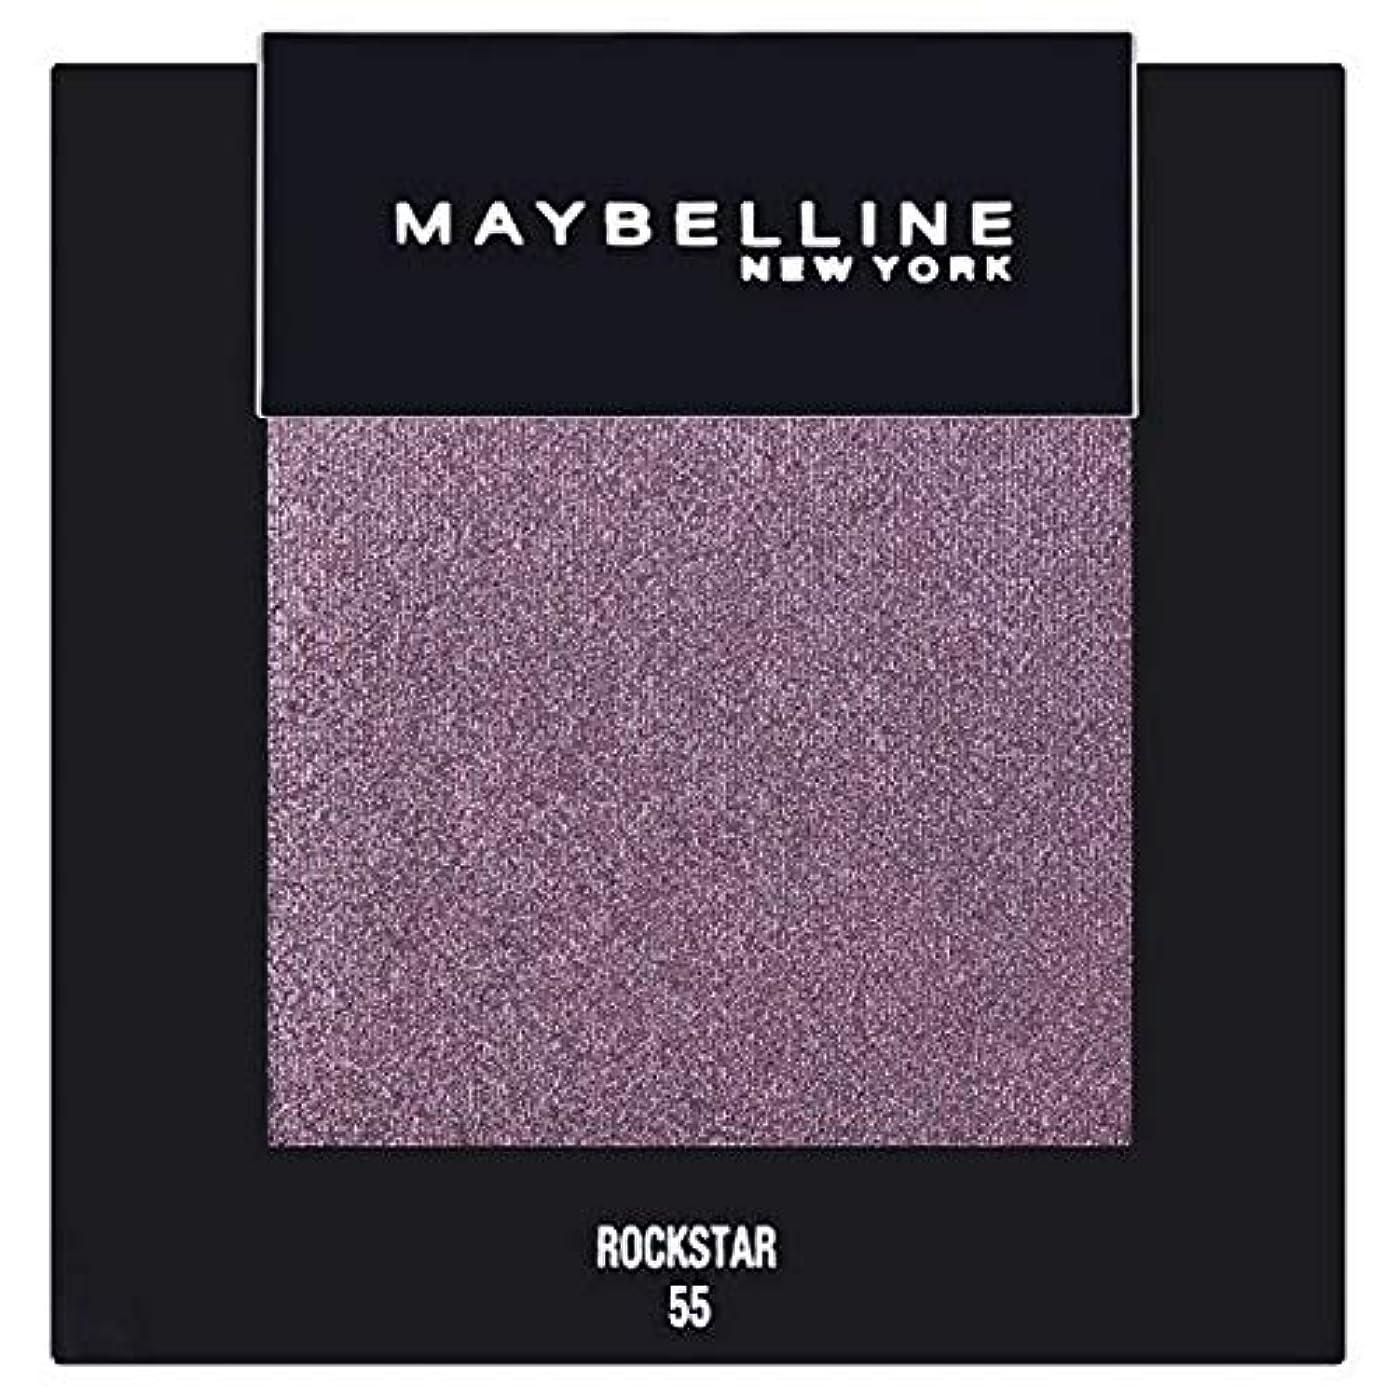 正当化するギネスイライラする[Maybelline ] メイベリンカラーショーシングルアイシャドウ55ロックスター - Maybelline Color Show Single Eyeshadow 55 Rockstar [並行輸入品]